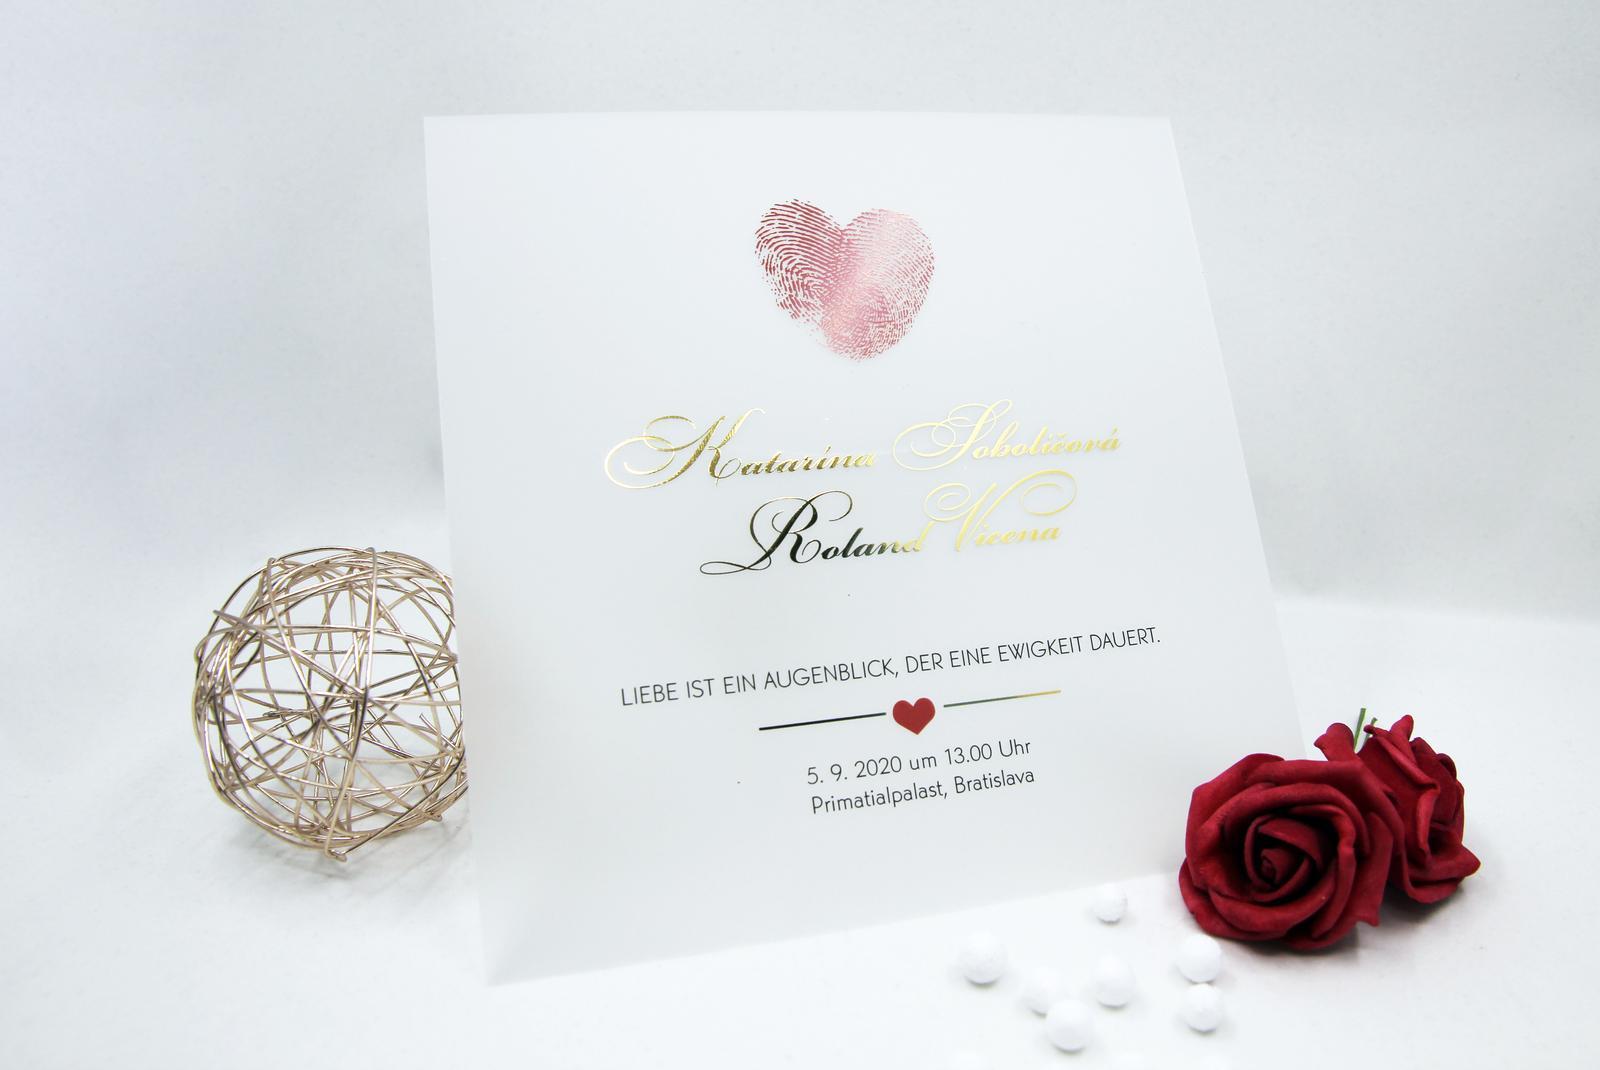 Transparentné alebo priesvitné svadobné oznámenia - Obrázok č. 2